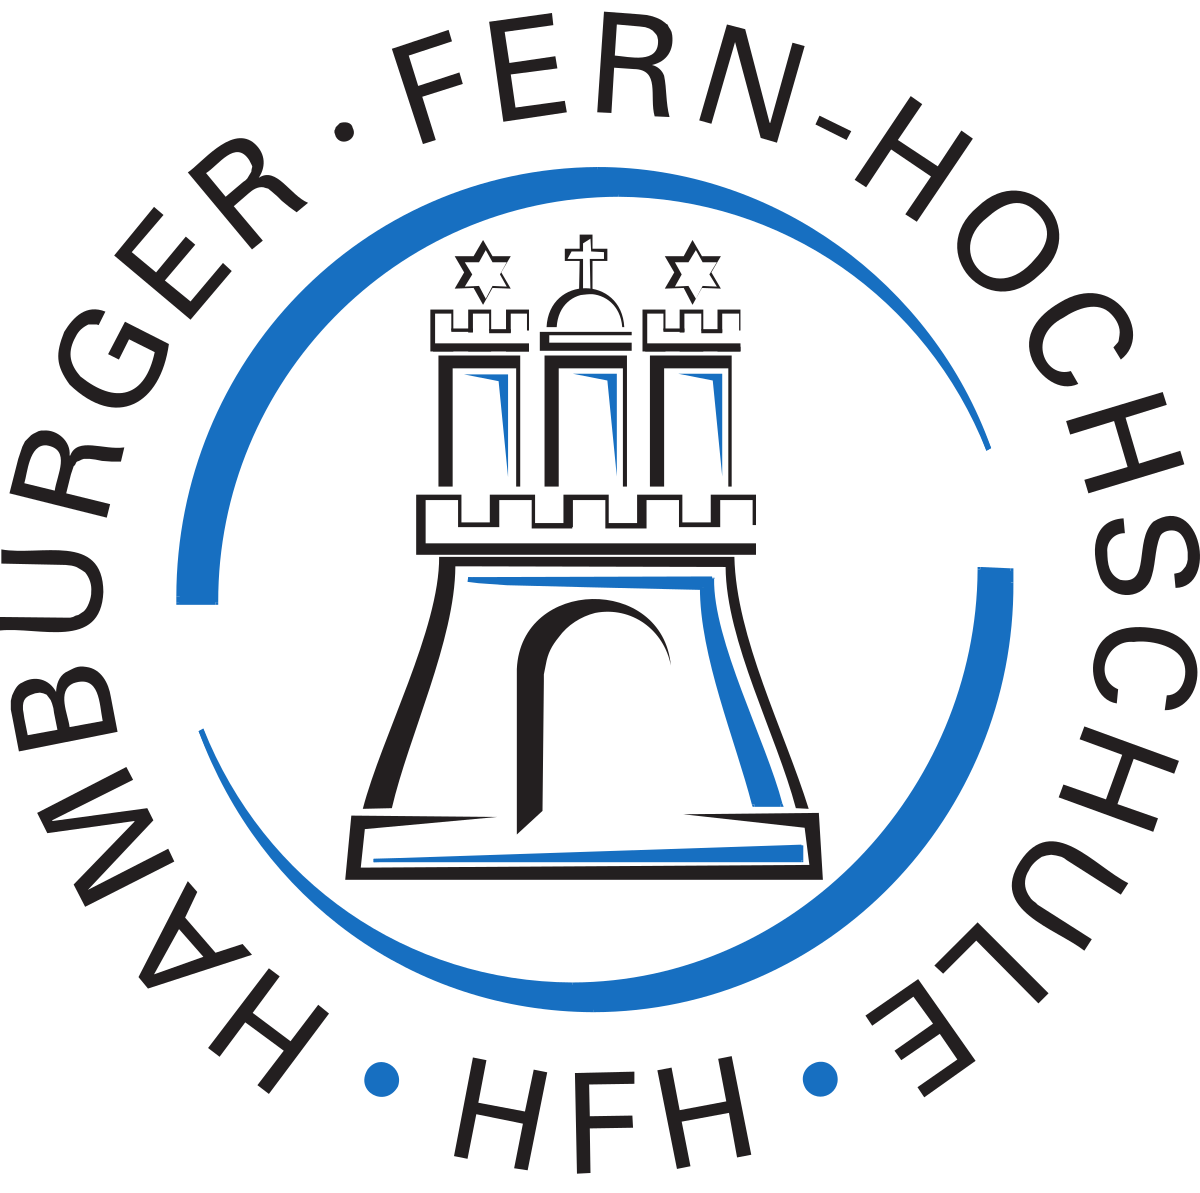 Entwicklungspsychologie an der HFH Hamburger Fern-Hochschule